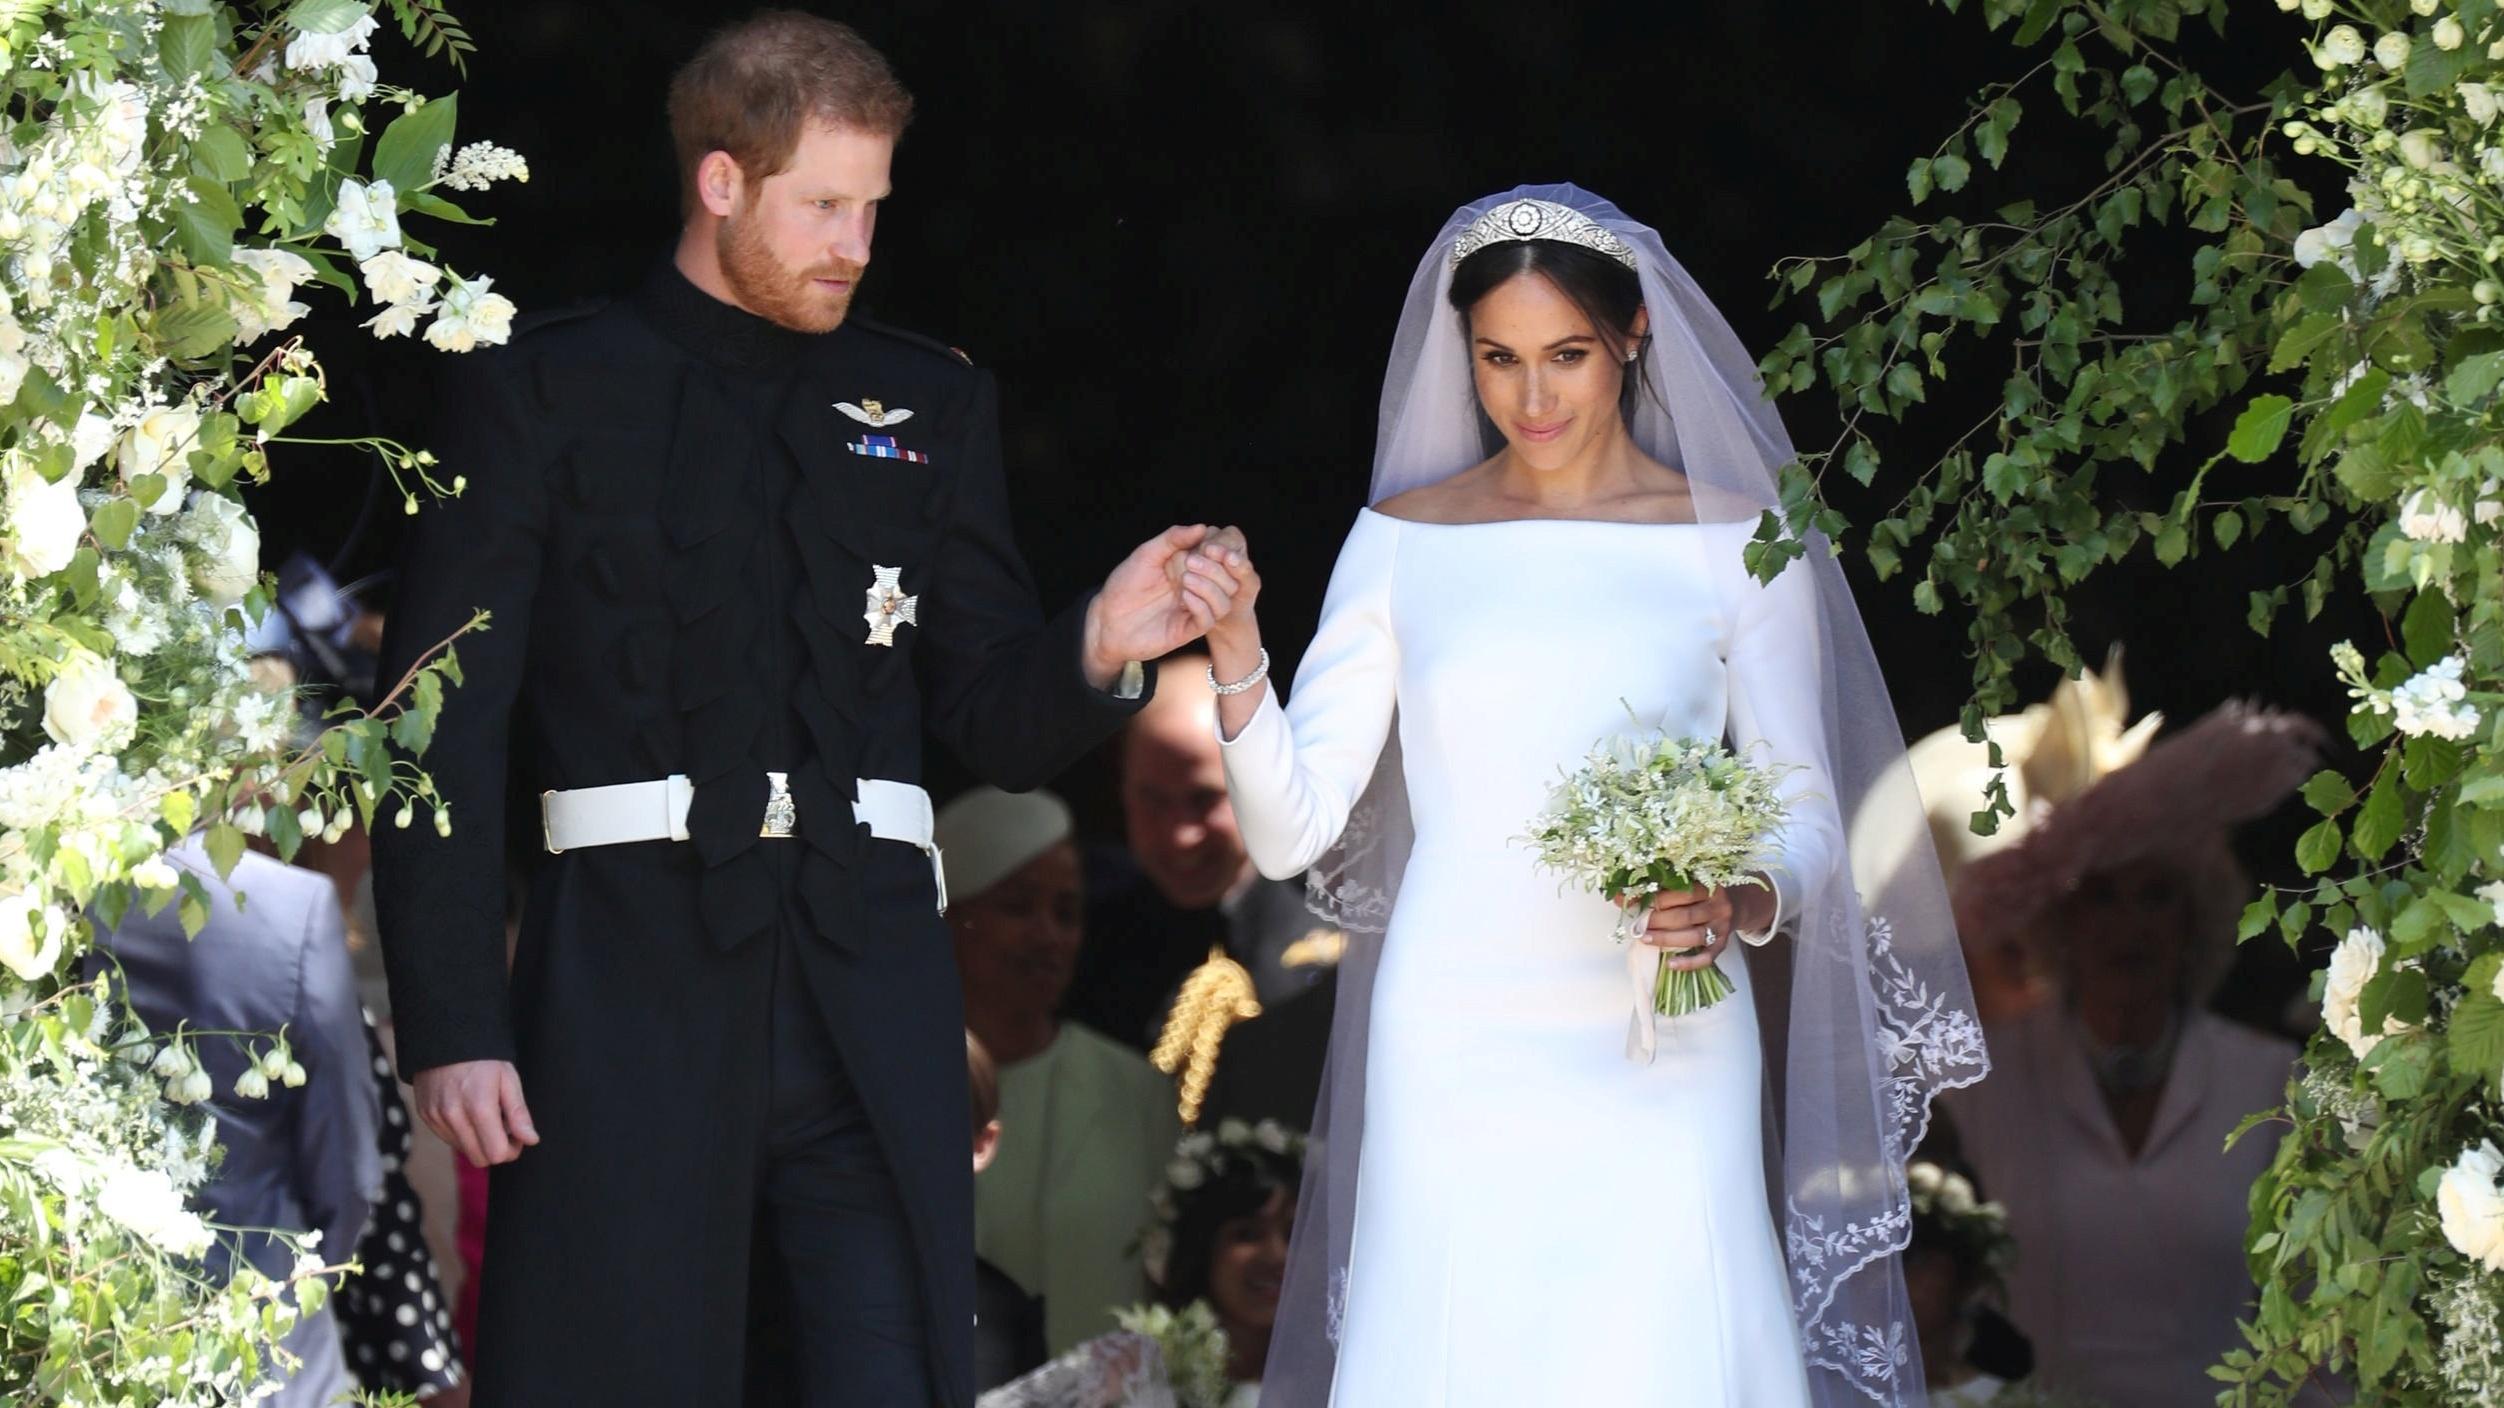 Casamento real 2018: O vestido de noiva de Meghan Markle em ...